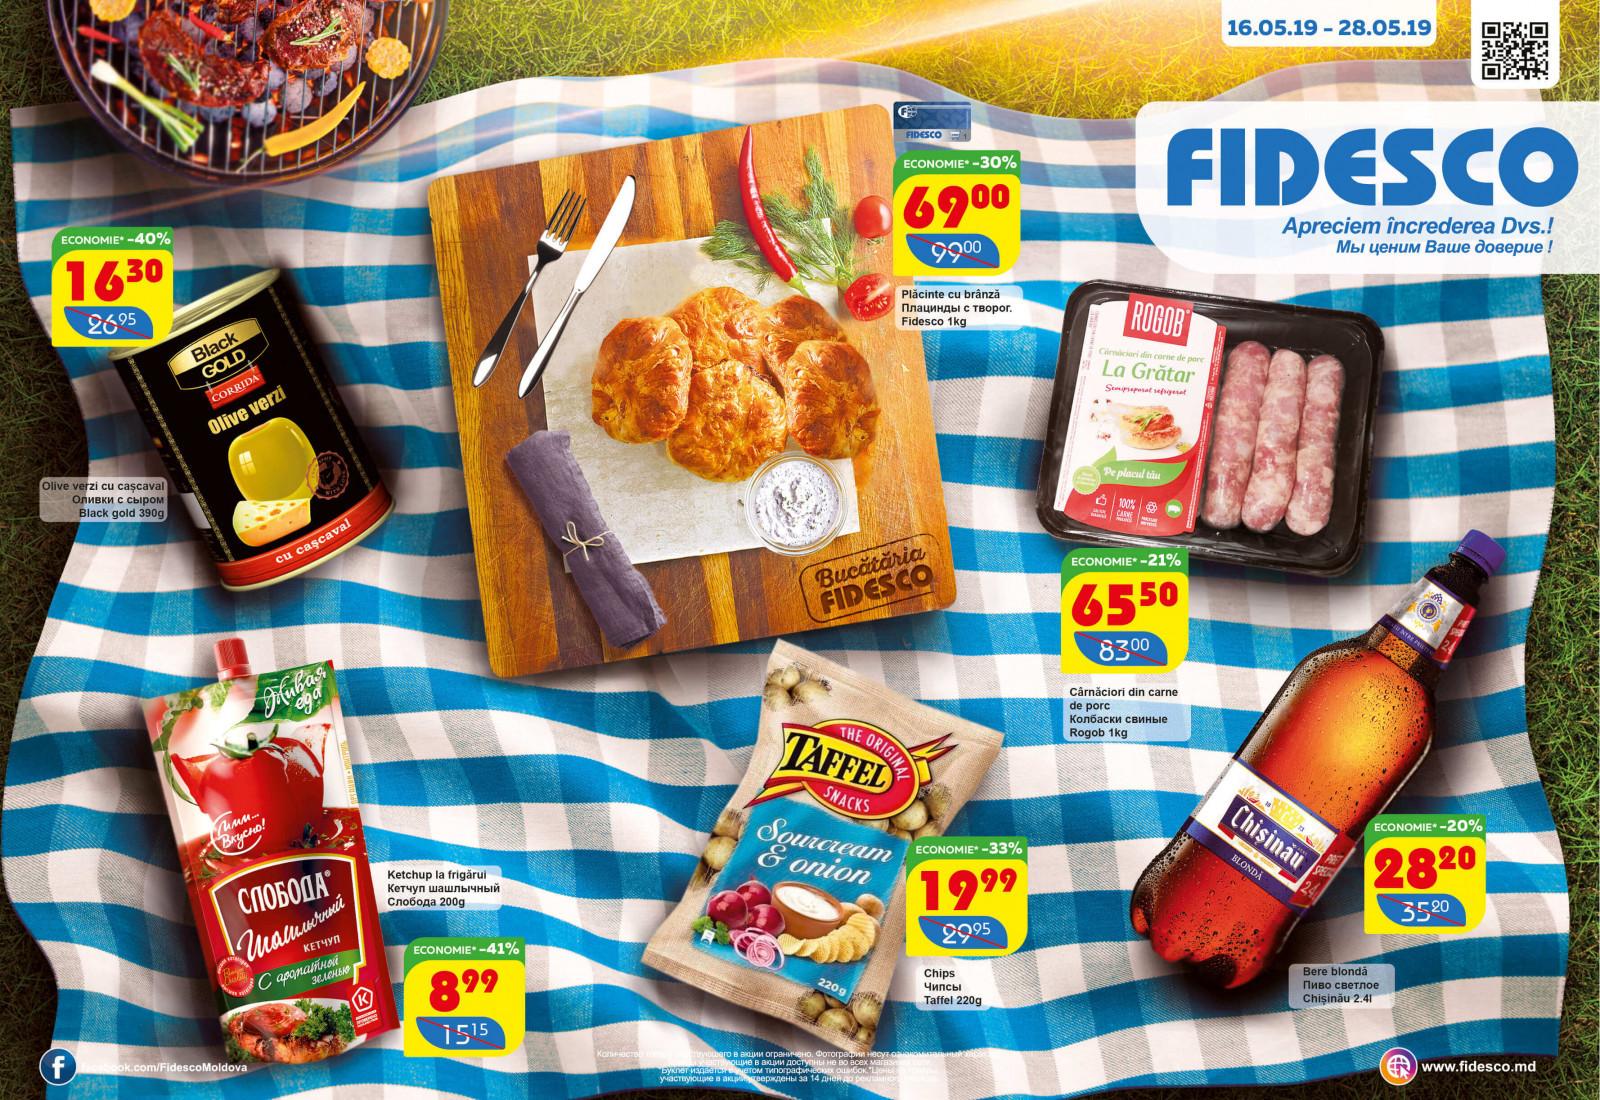 Fidesco pliant promoțional luna Mai